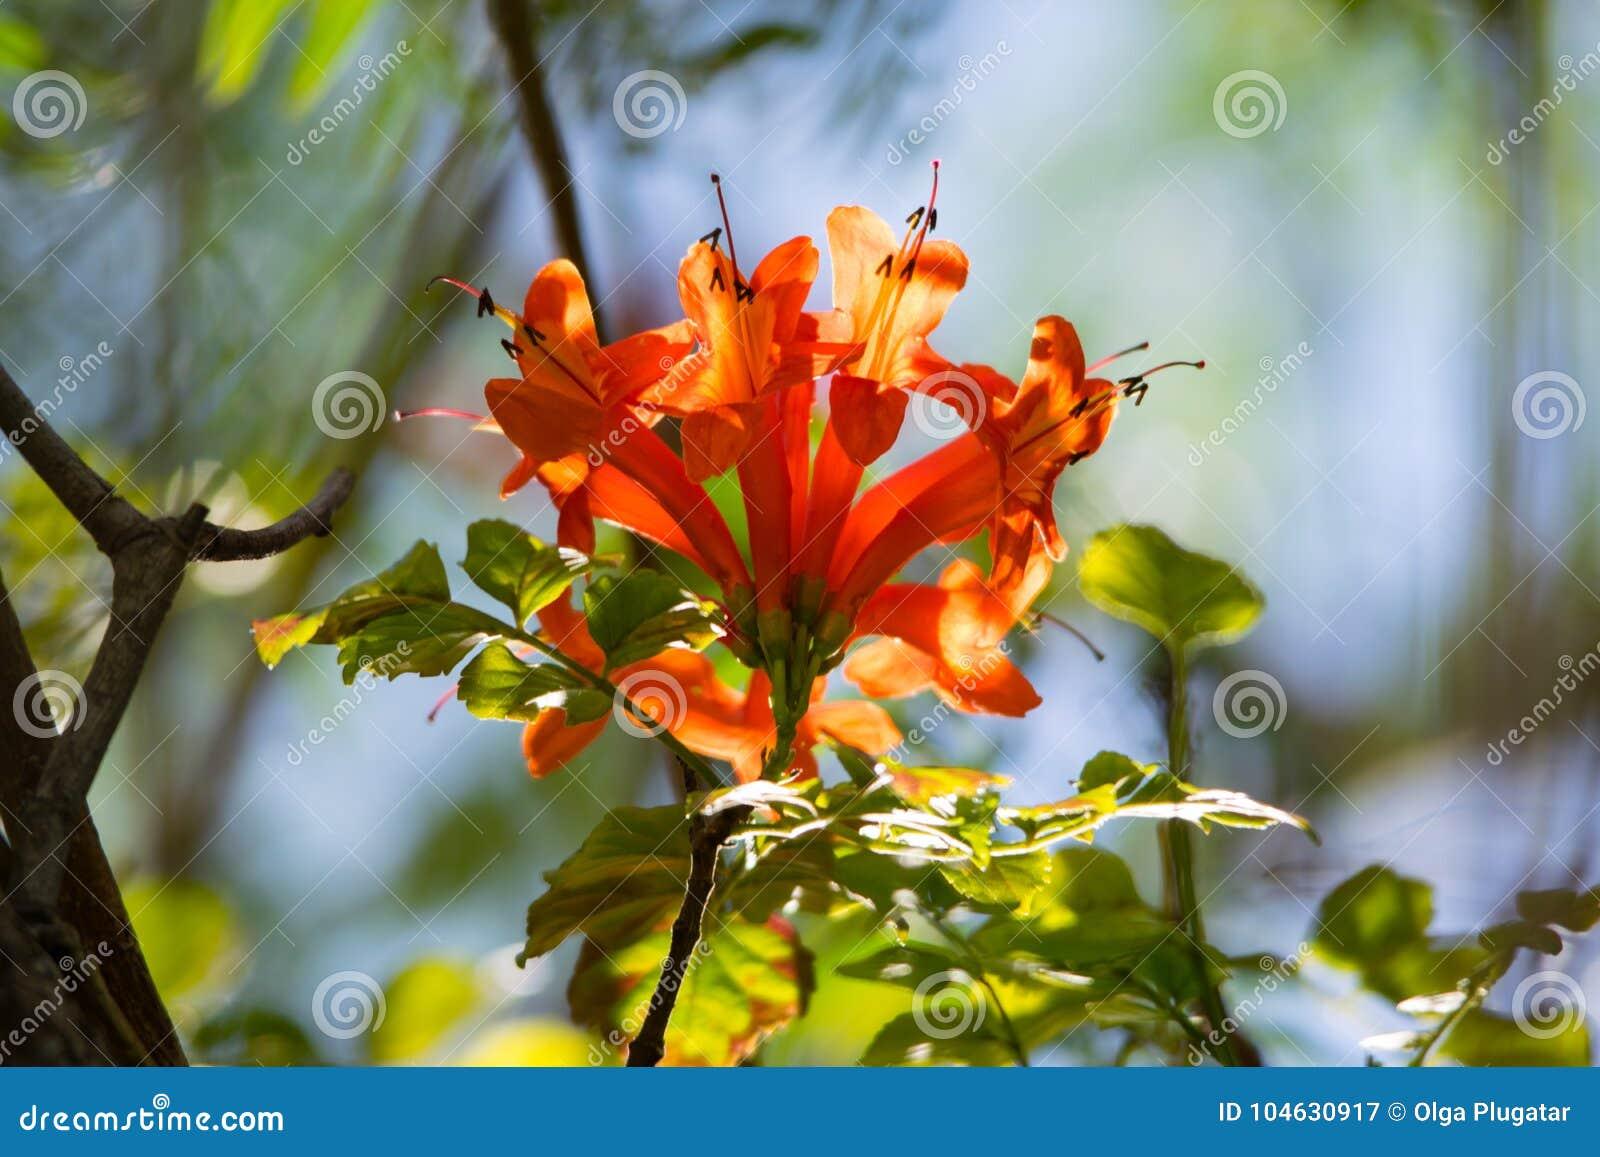 Download Oranje Trompet, Vlambloem, Fire-cracker Wijnstokblad Stock Afbeelding - Afbeelding bestaande uit naughty, rood: 104630917